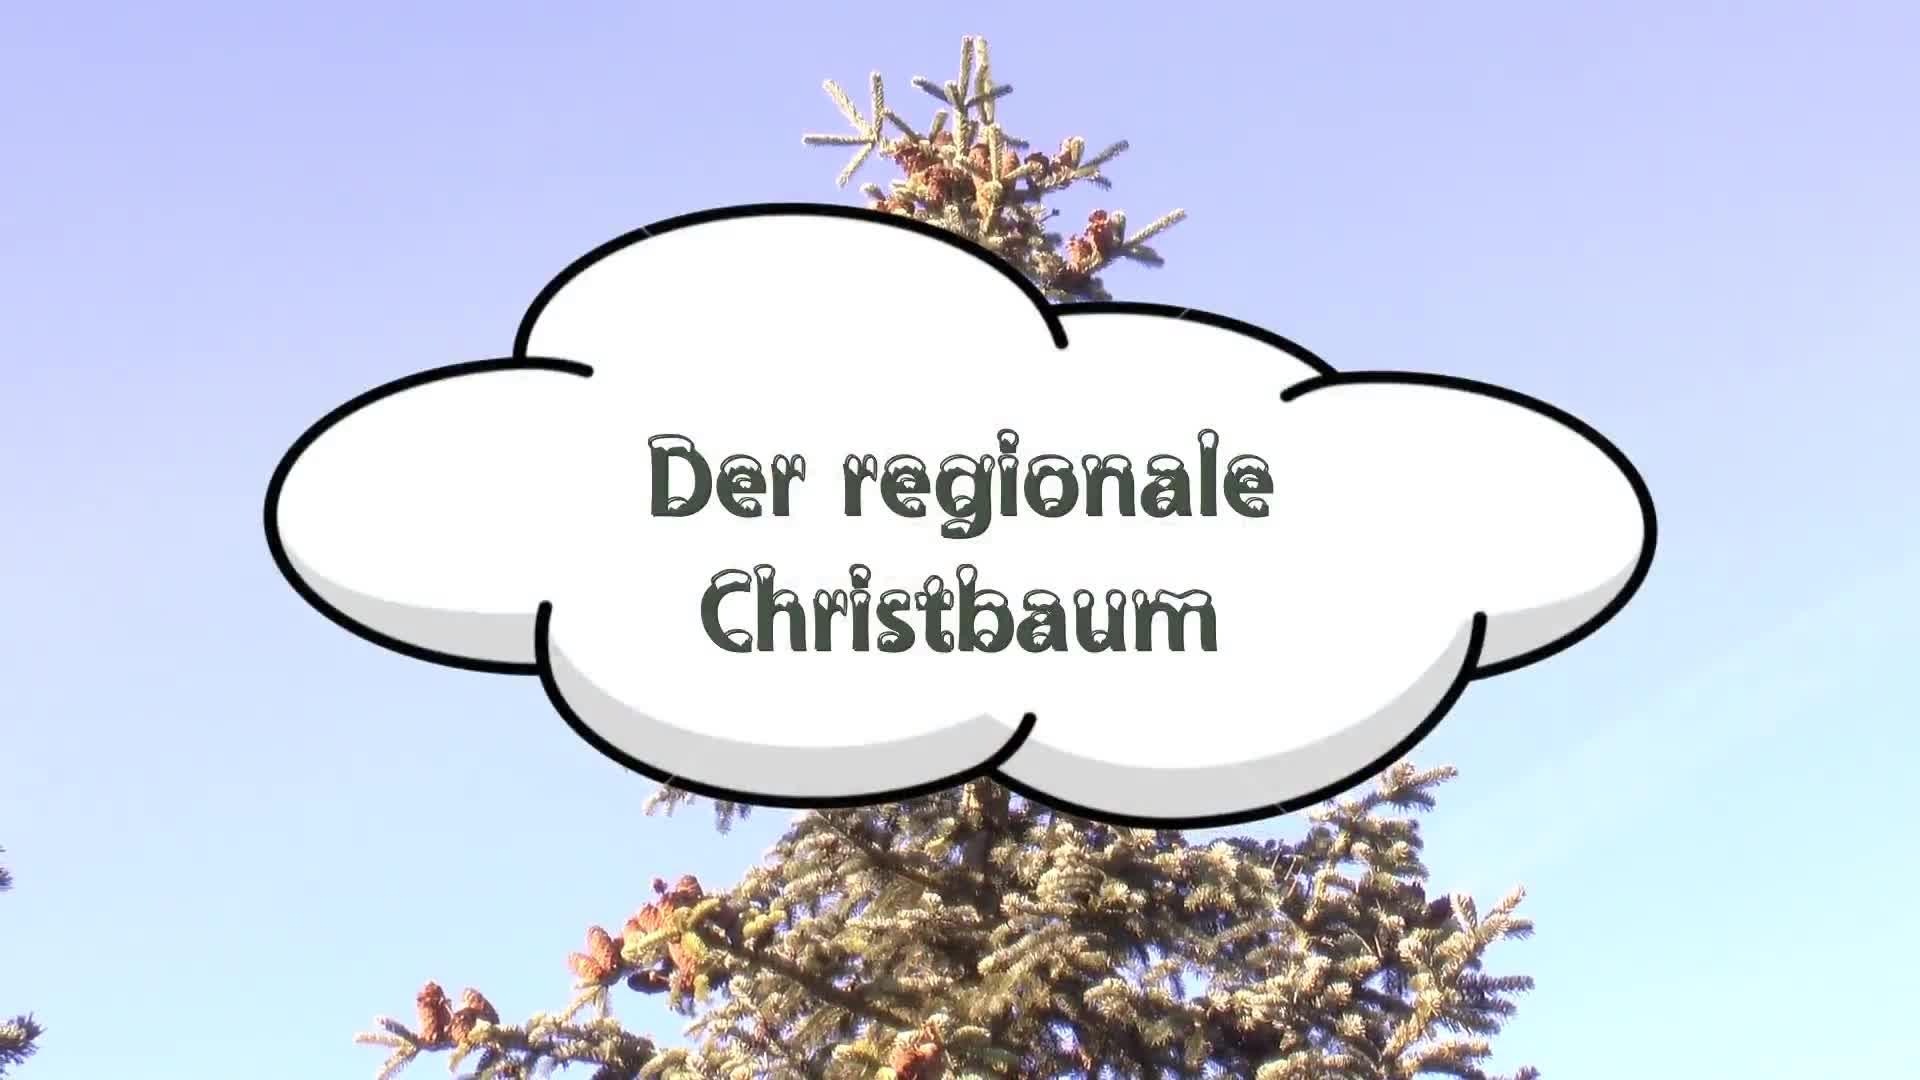 Der regionale Christbaum